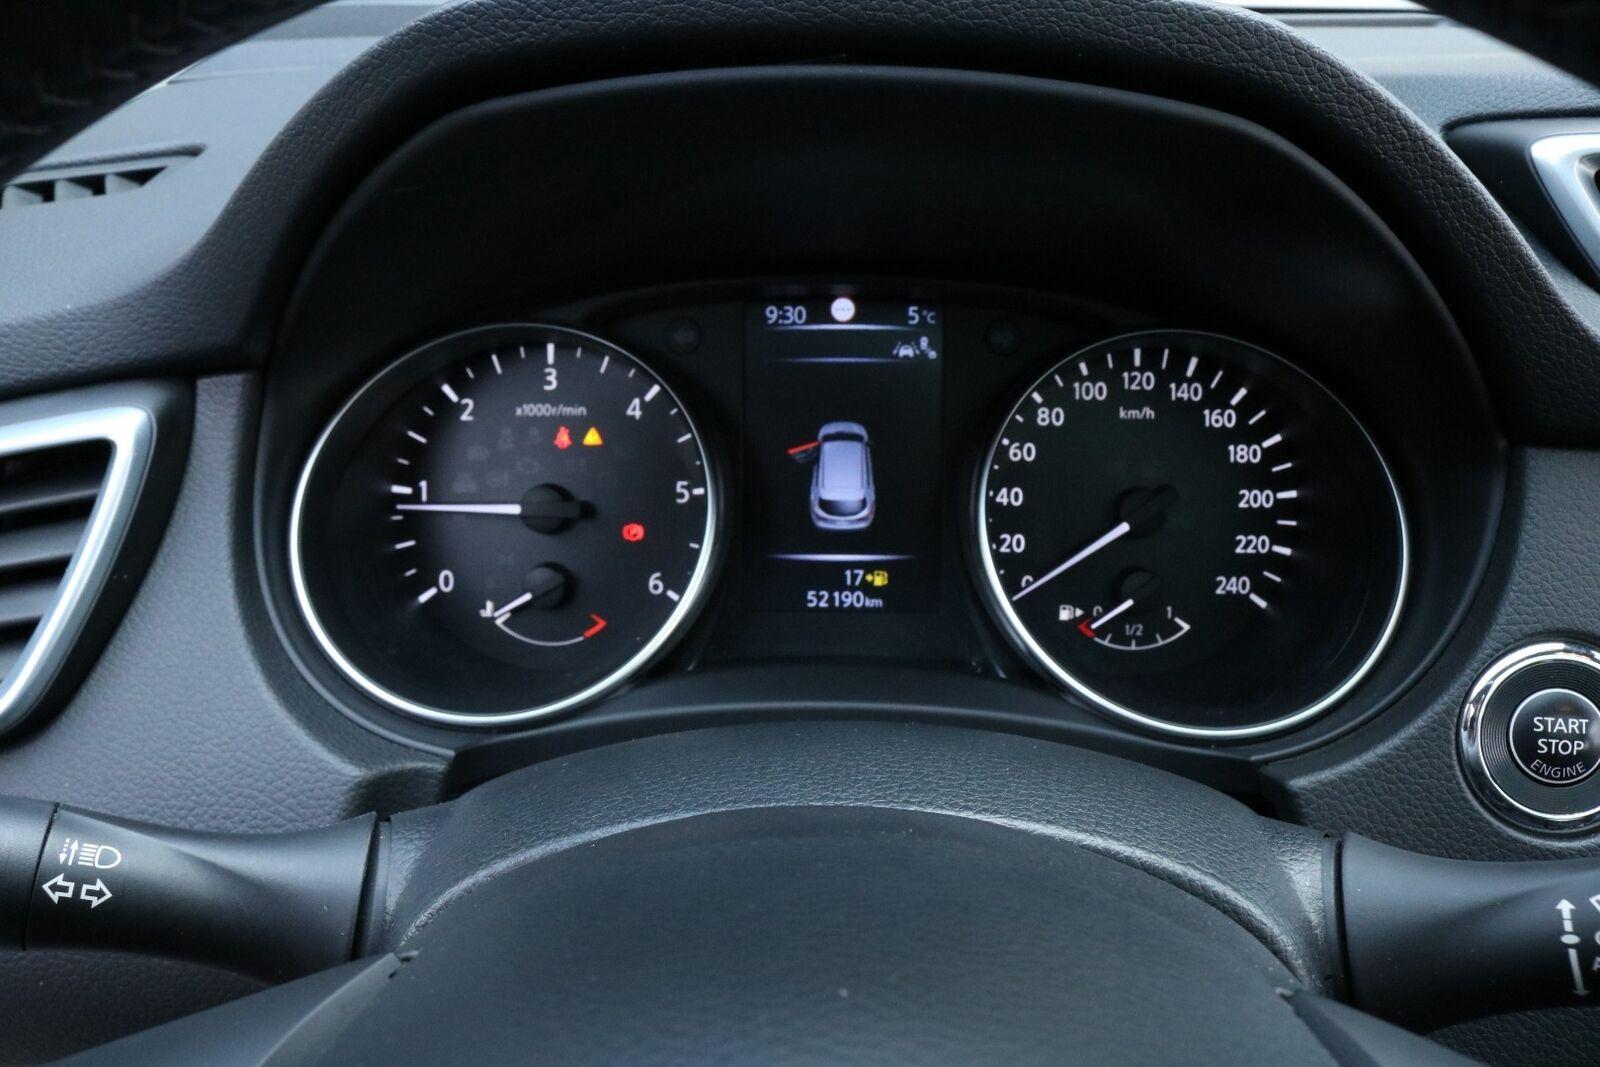 Nissan Qashqai dCi 110 N-Connecta